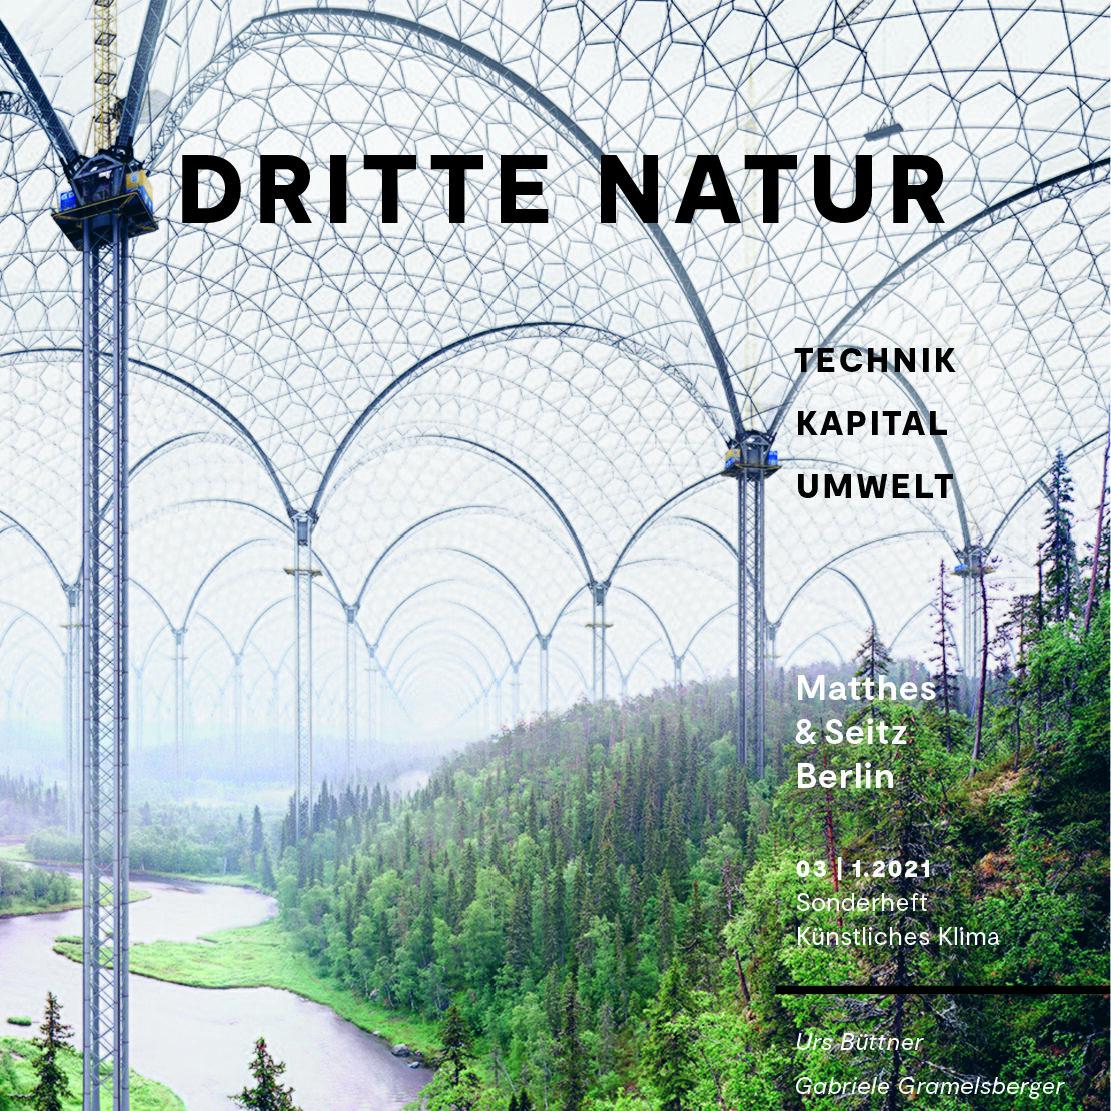 """Das Bild zeigt das Cover der dritten Ausgabe der Zeitschrift """"Dritte Natur"""". Zu sehen sind eine Wald- und Flusslandschaft, die von einer Glasdachkonstruktion überdeckt ist."""